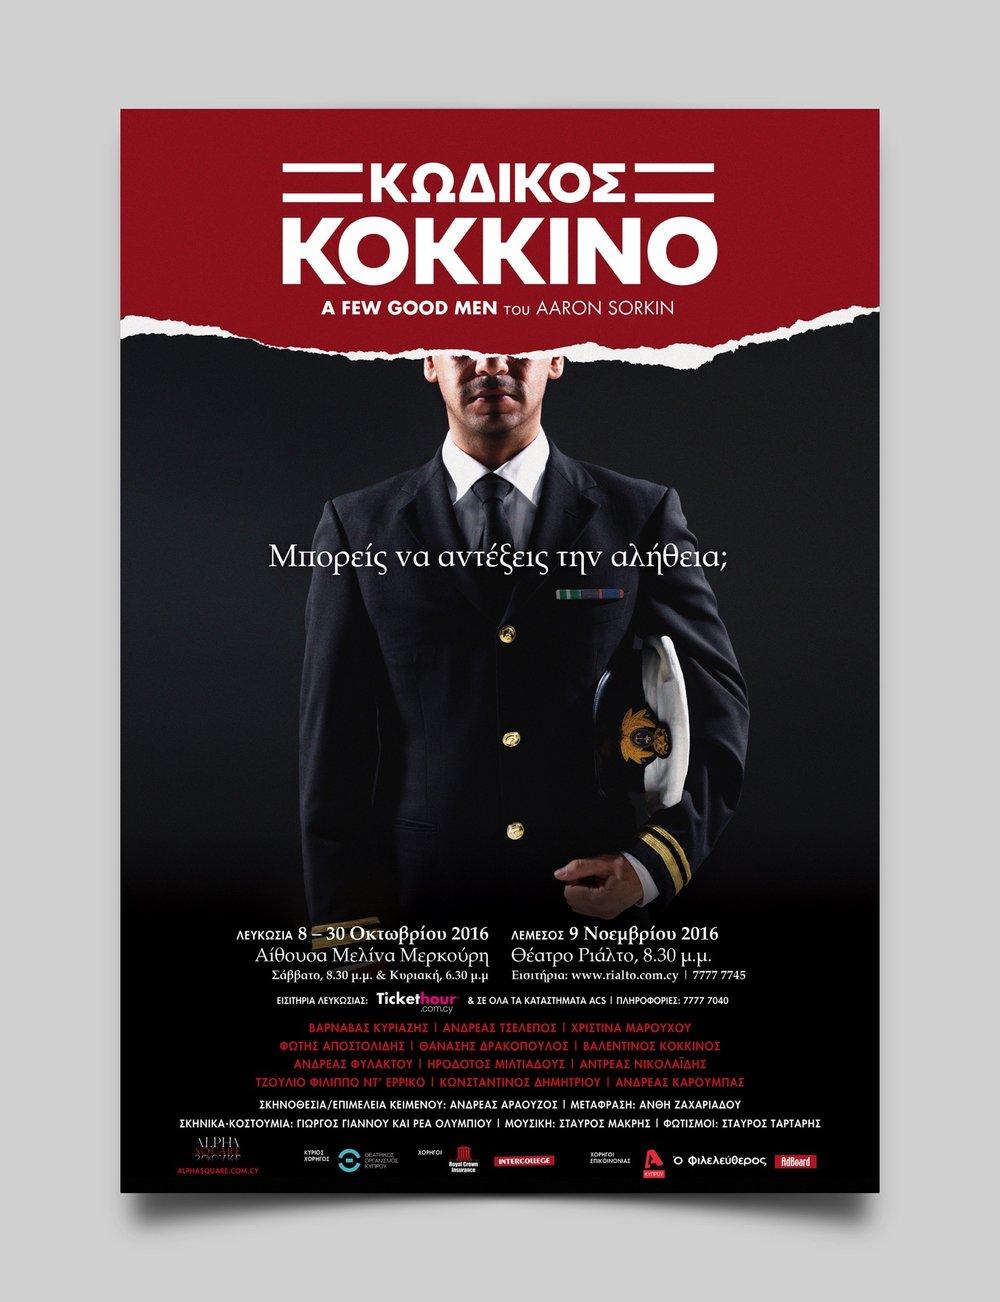 poster.001.jpg